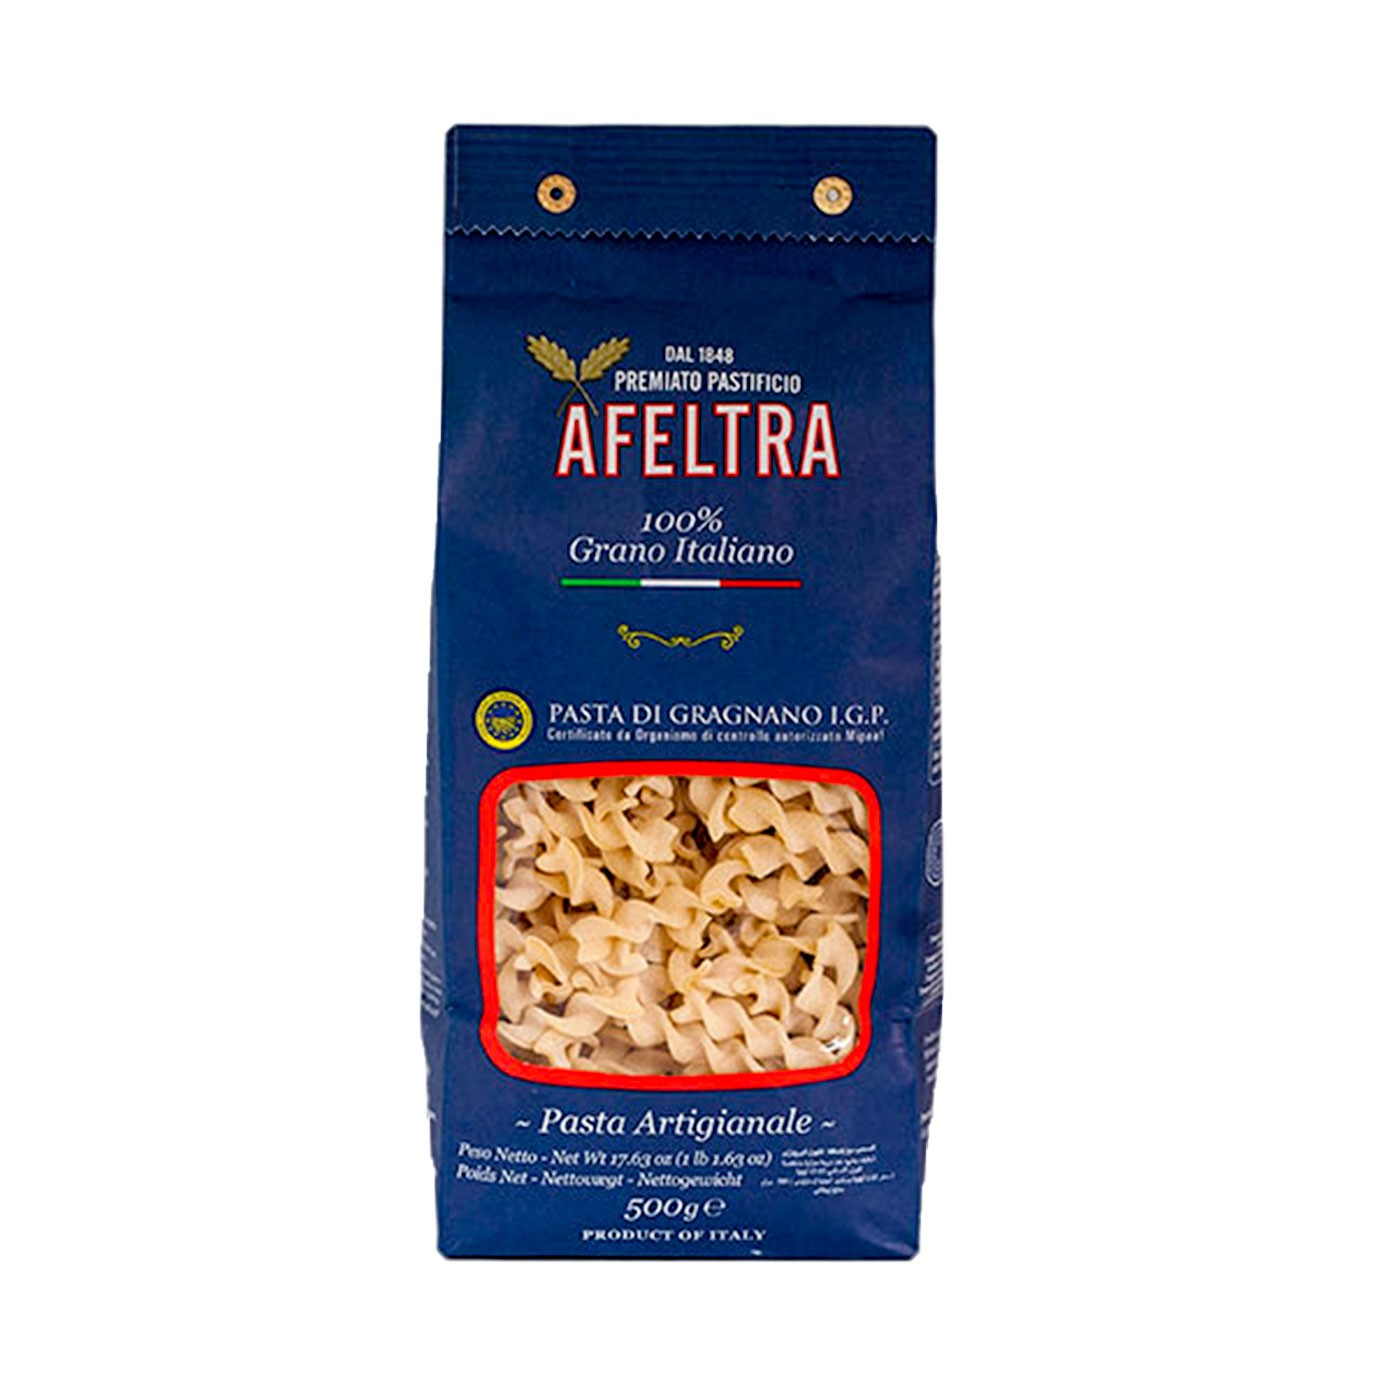 100% Italian Grain Eliche 17.6 oz - Afeltra